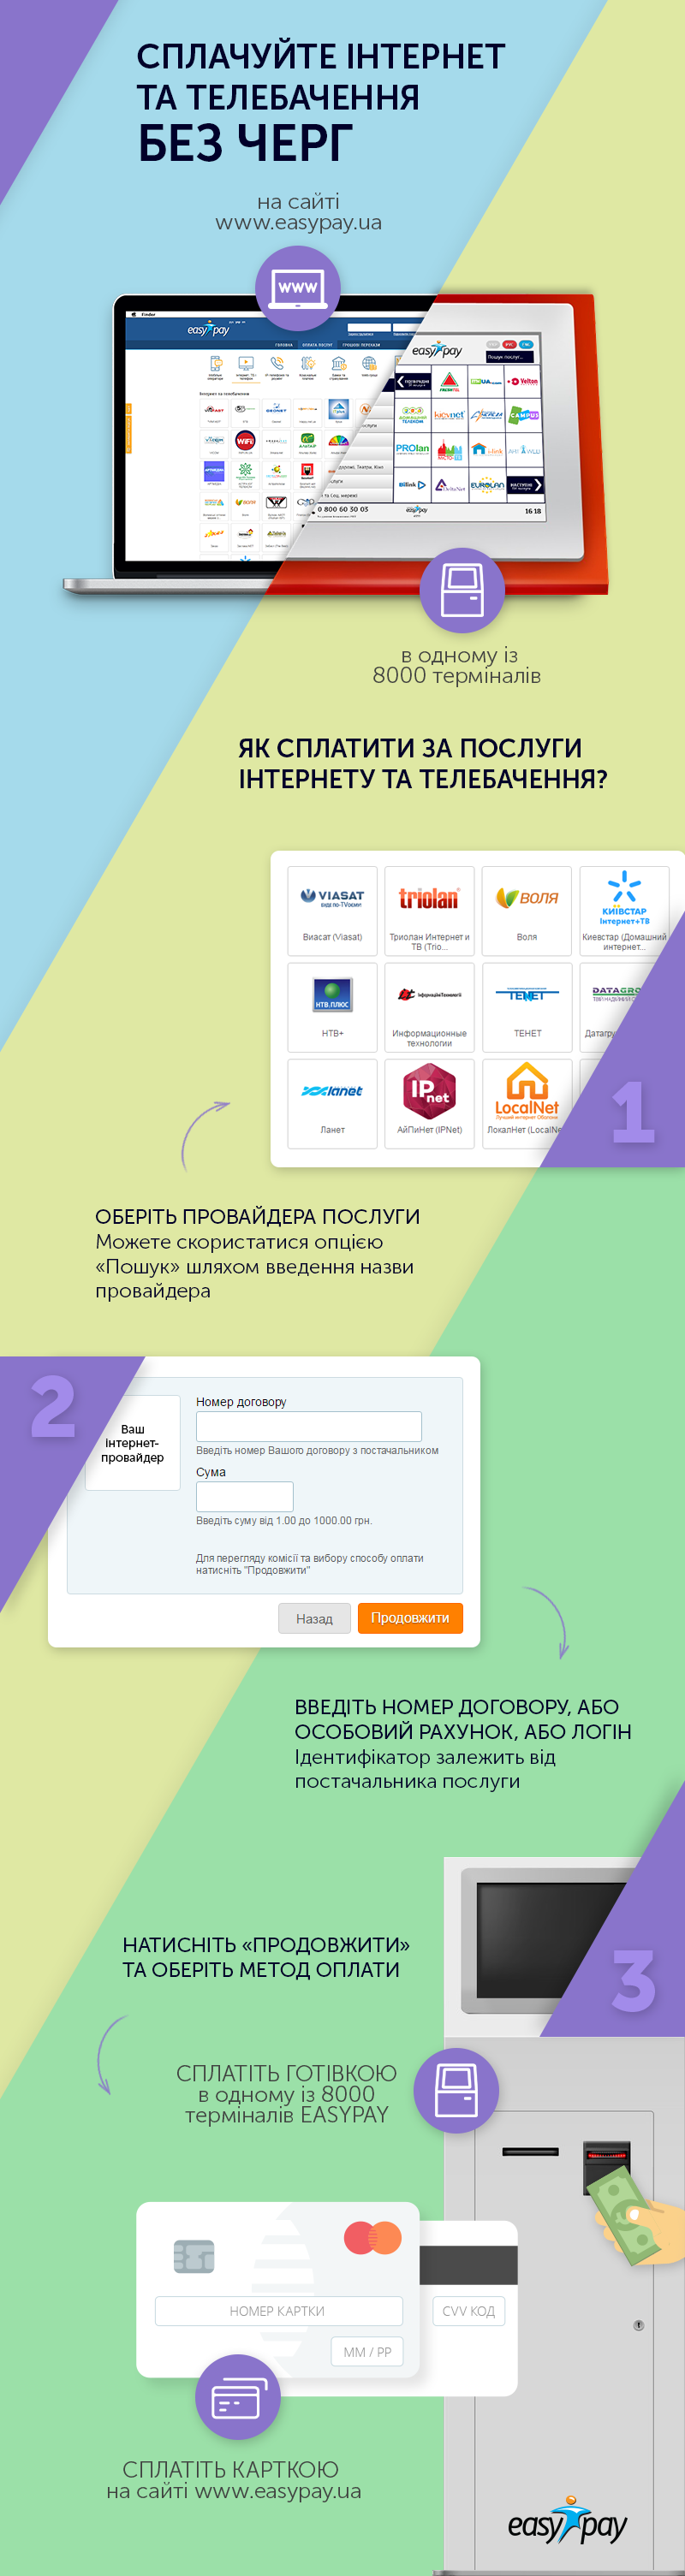 infographic-inet-tv-noname